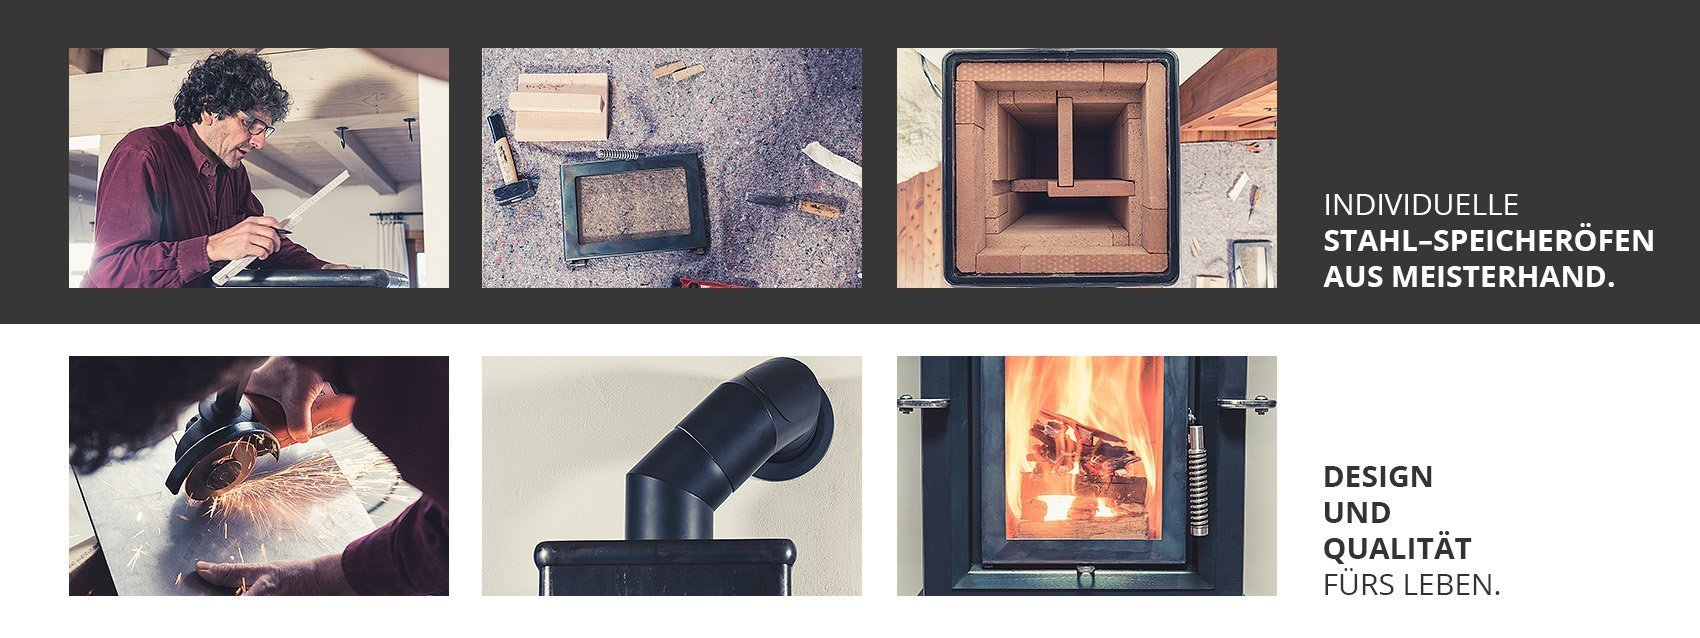 Stahlfeuer Ofenwerkstatt Titelbild – Speicheröfen Design Und Qualität fürs Leben